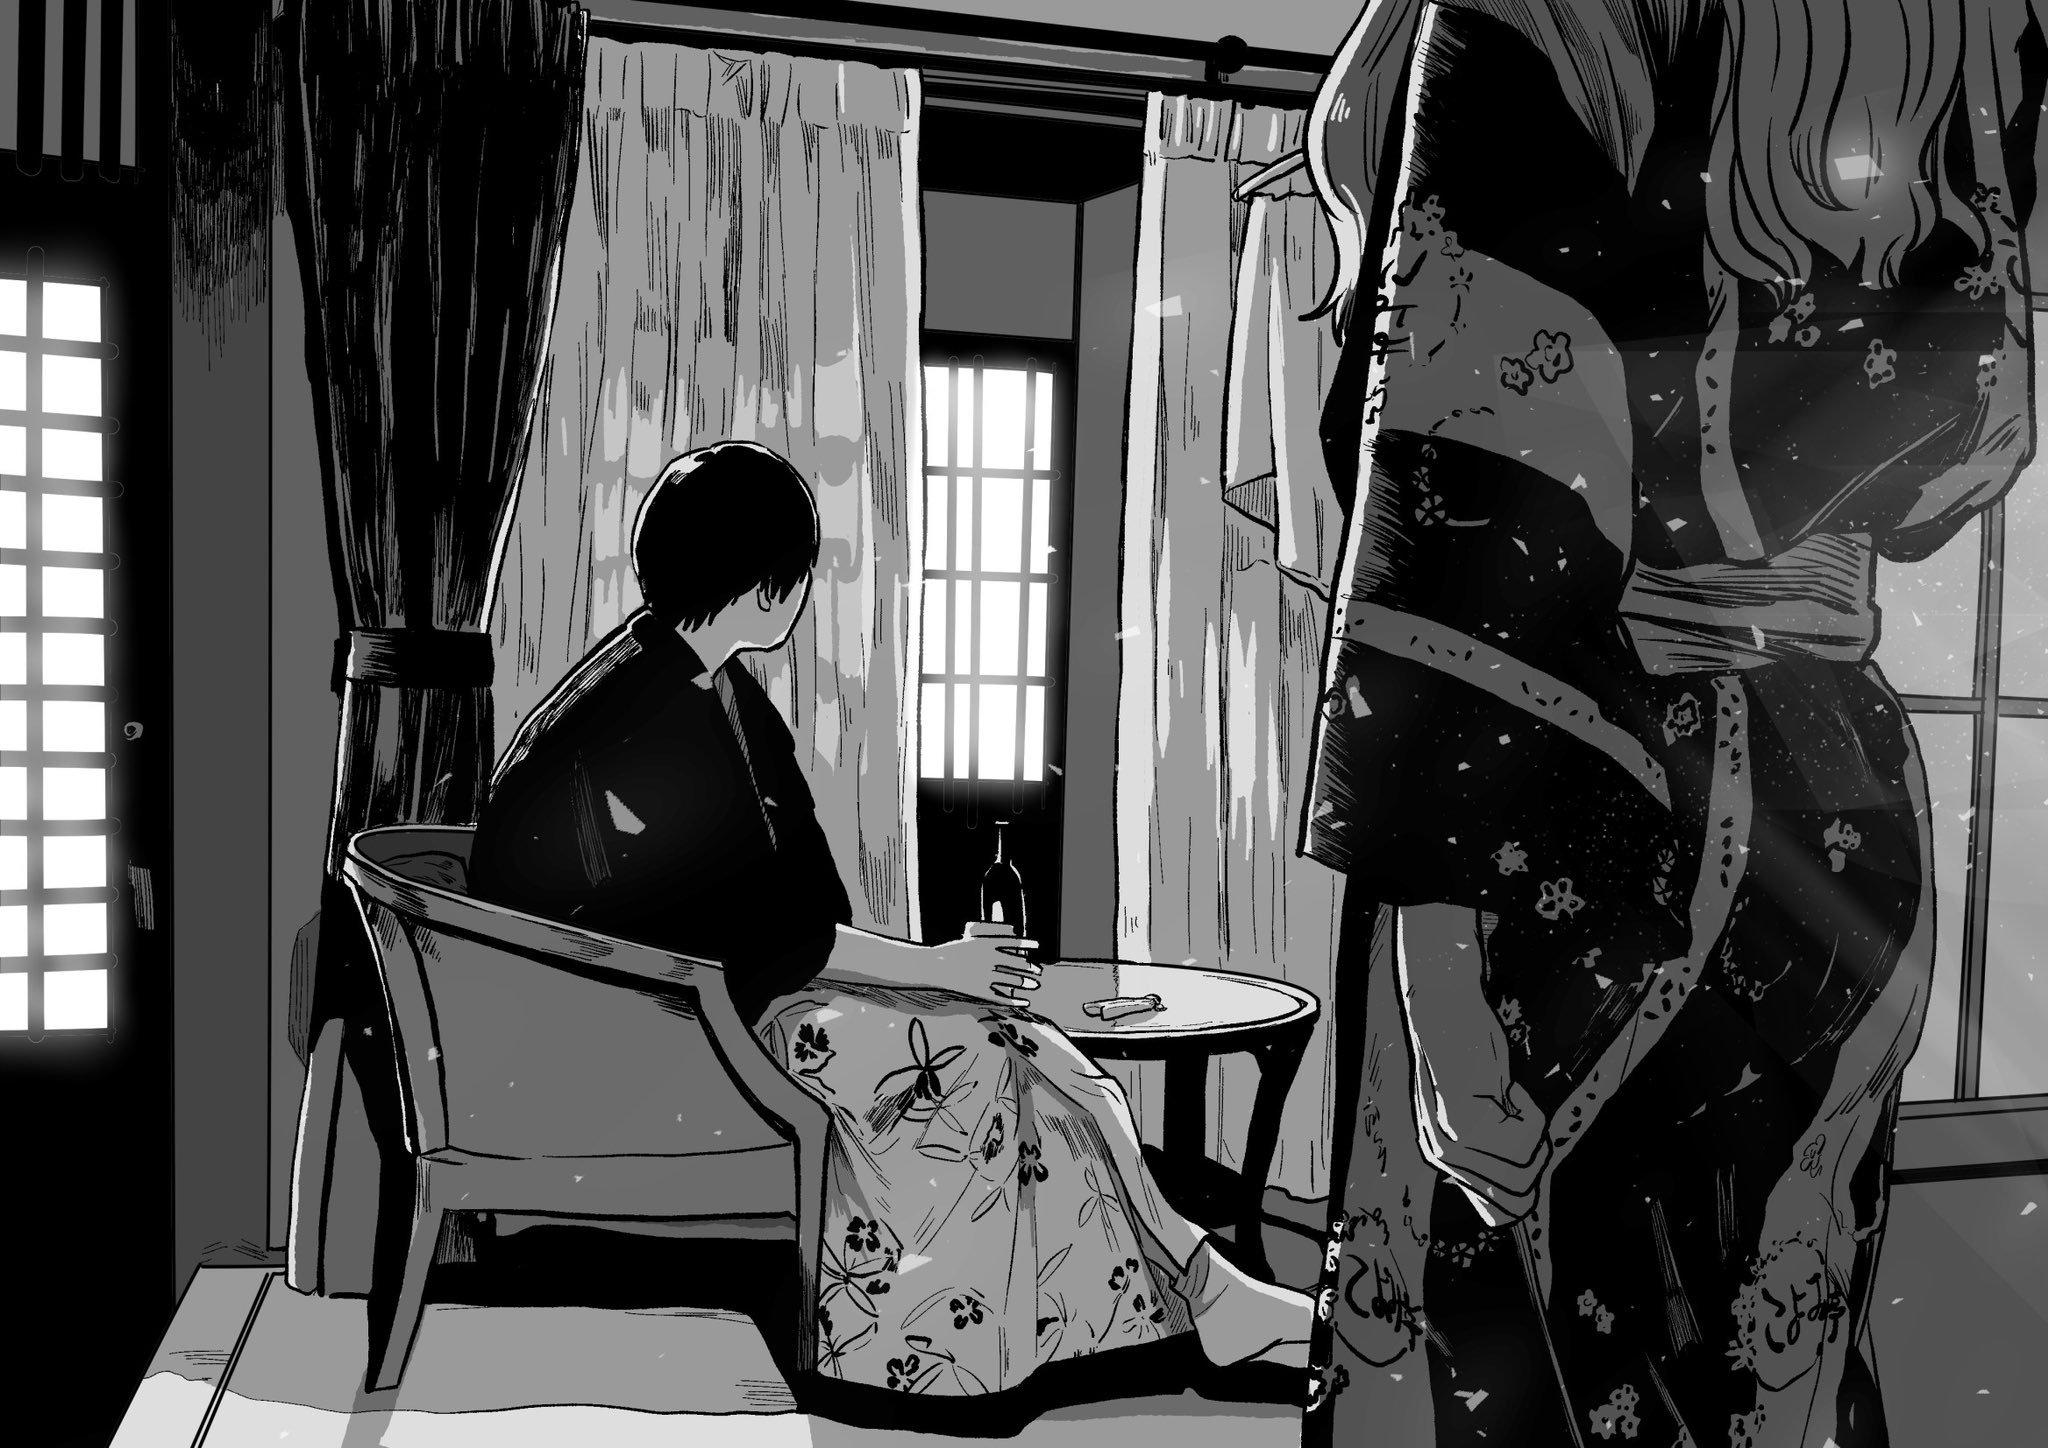 文野紋 最高の時間にするはずだったのに pixiv 动漫图片 第4张